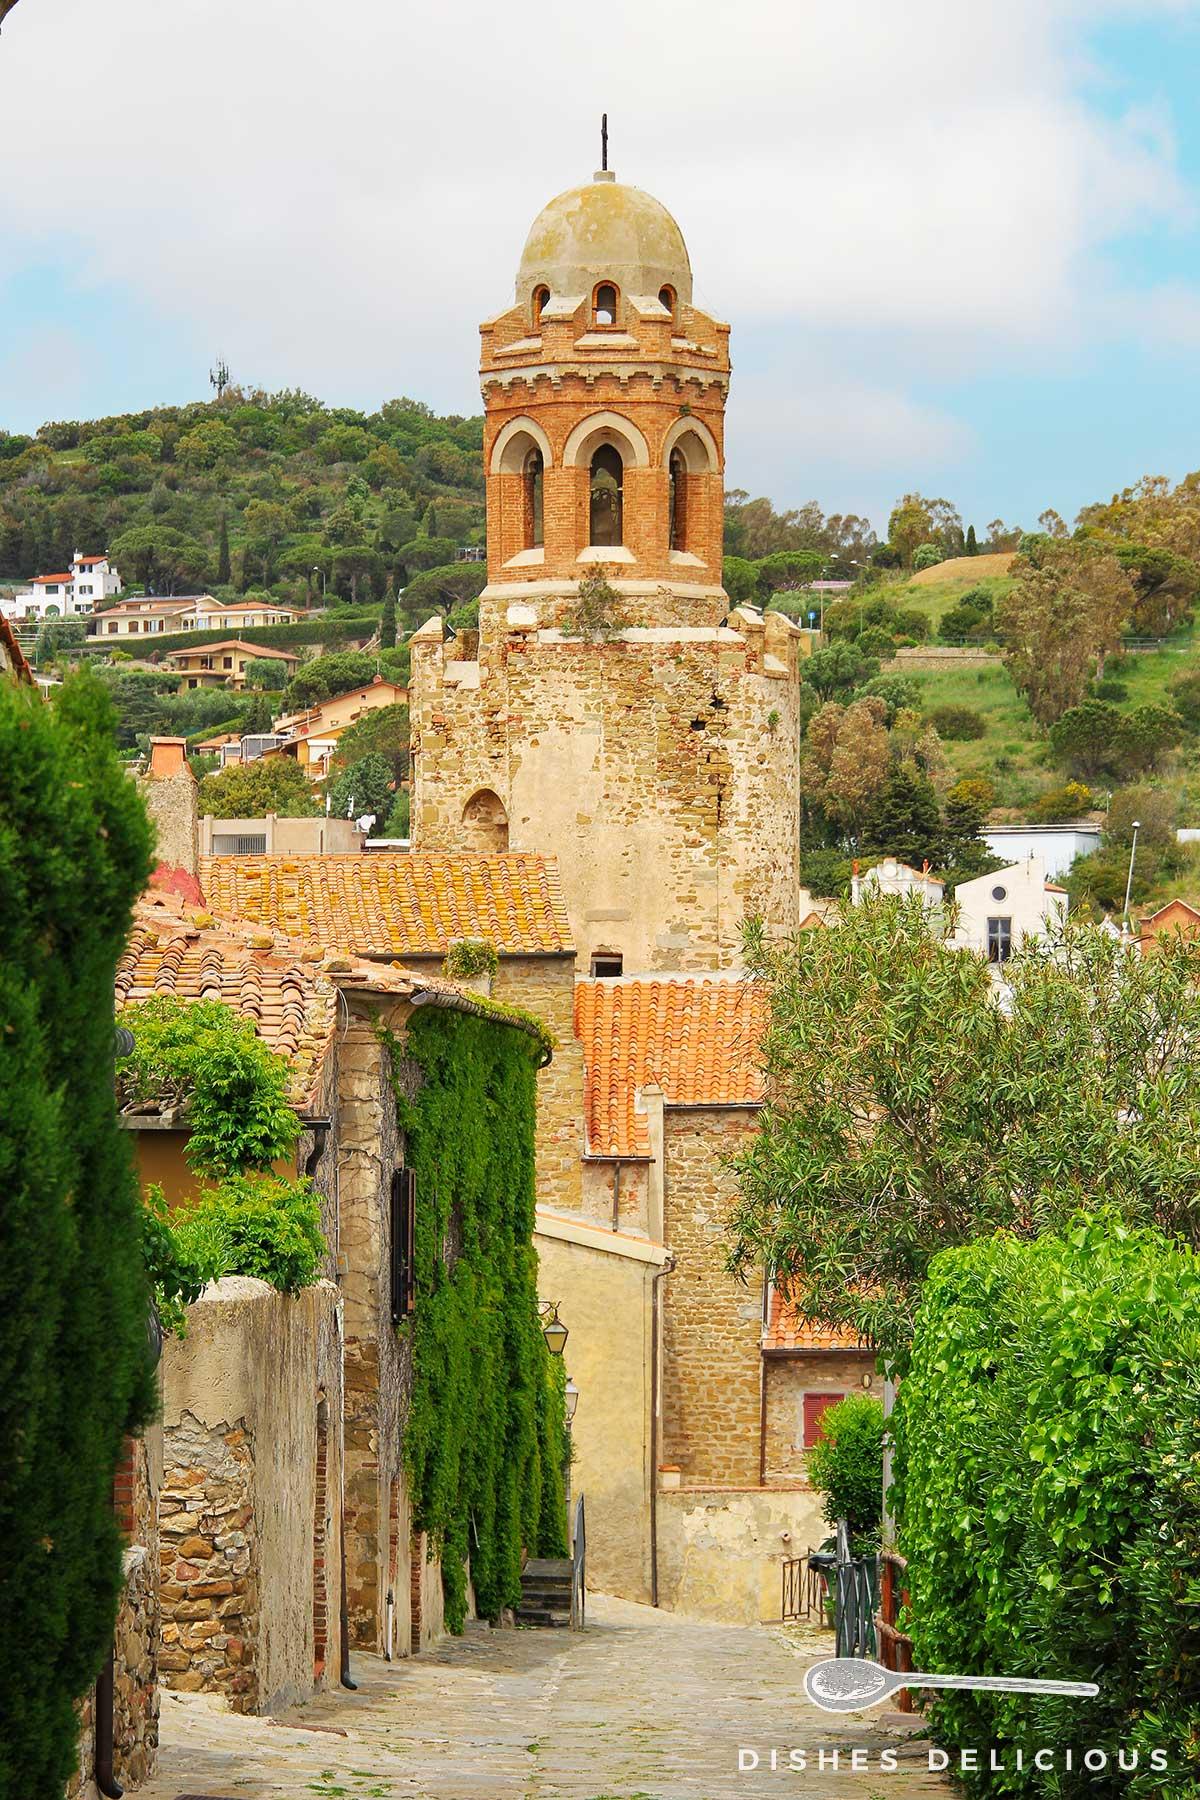 Foto der Kirche Giovanni Battista in Castiglione della Pescaia, zu der ein gepflasterter Weg führt.